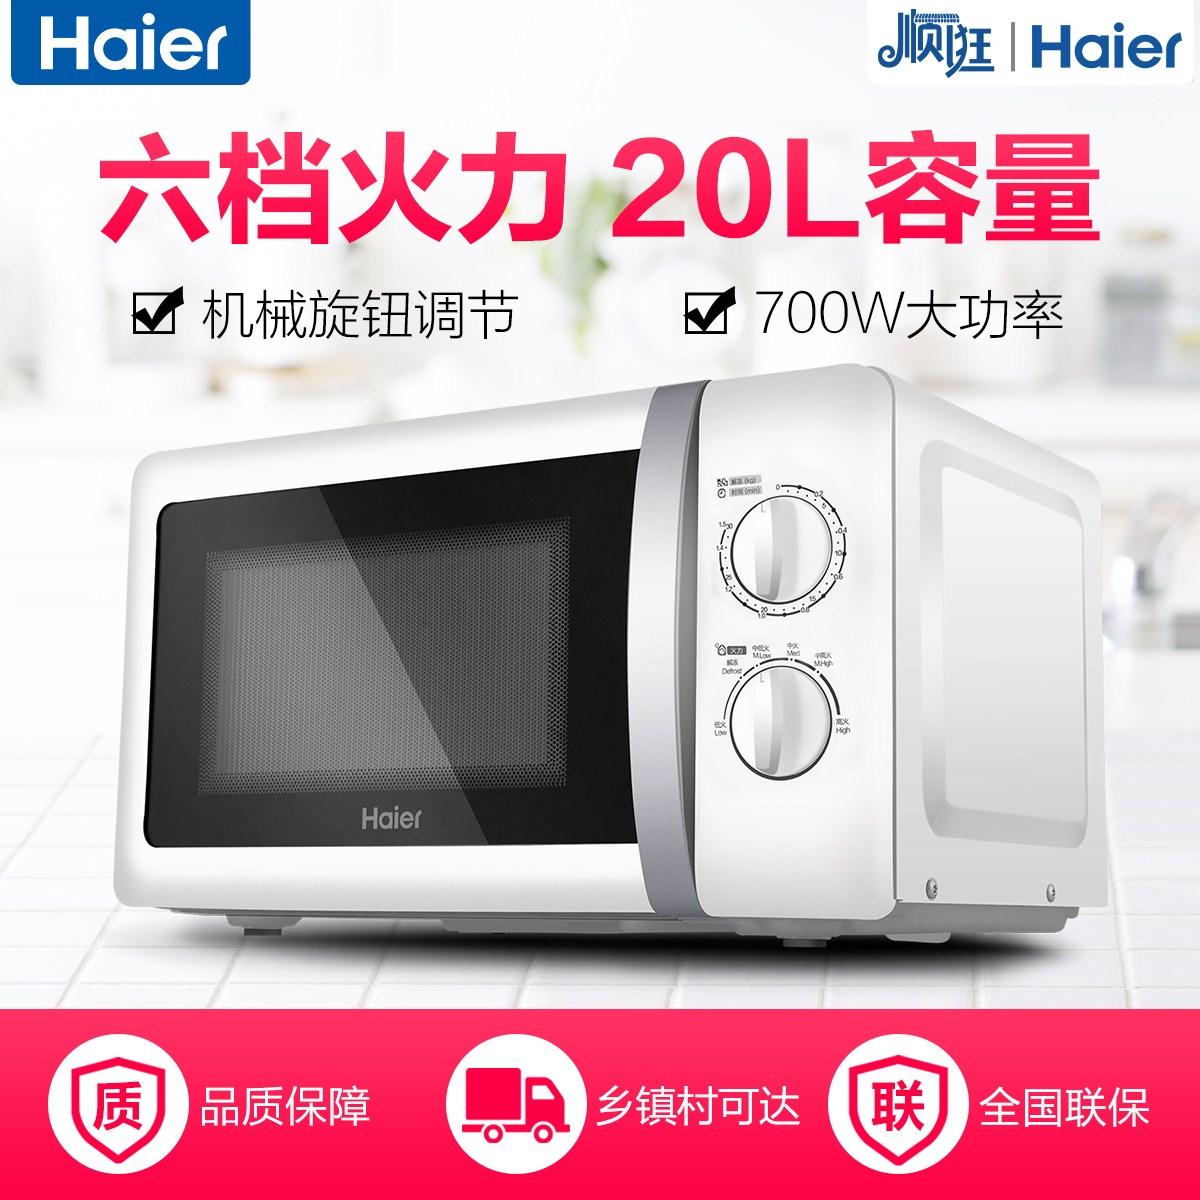 海尔高性价比微波炉 4D散热系统 3重防护 20L大容量 旋钮调节一键操作 MZC-2070M1